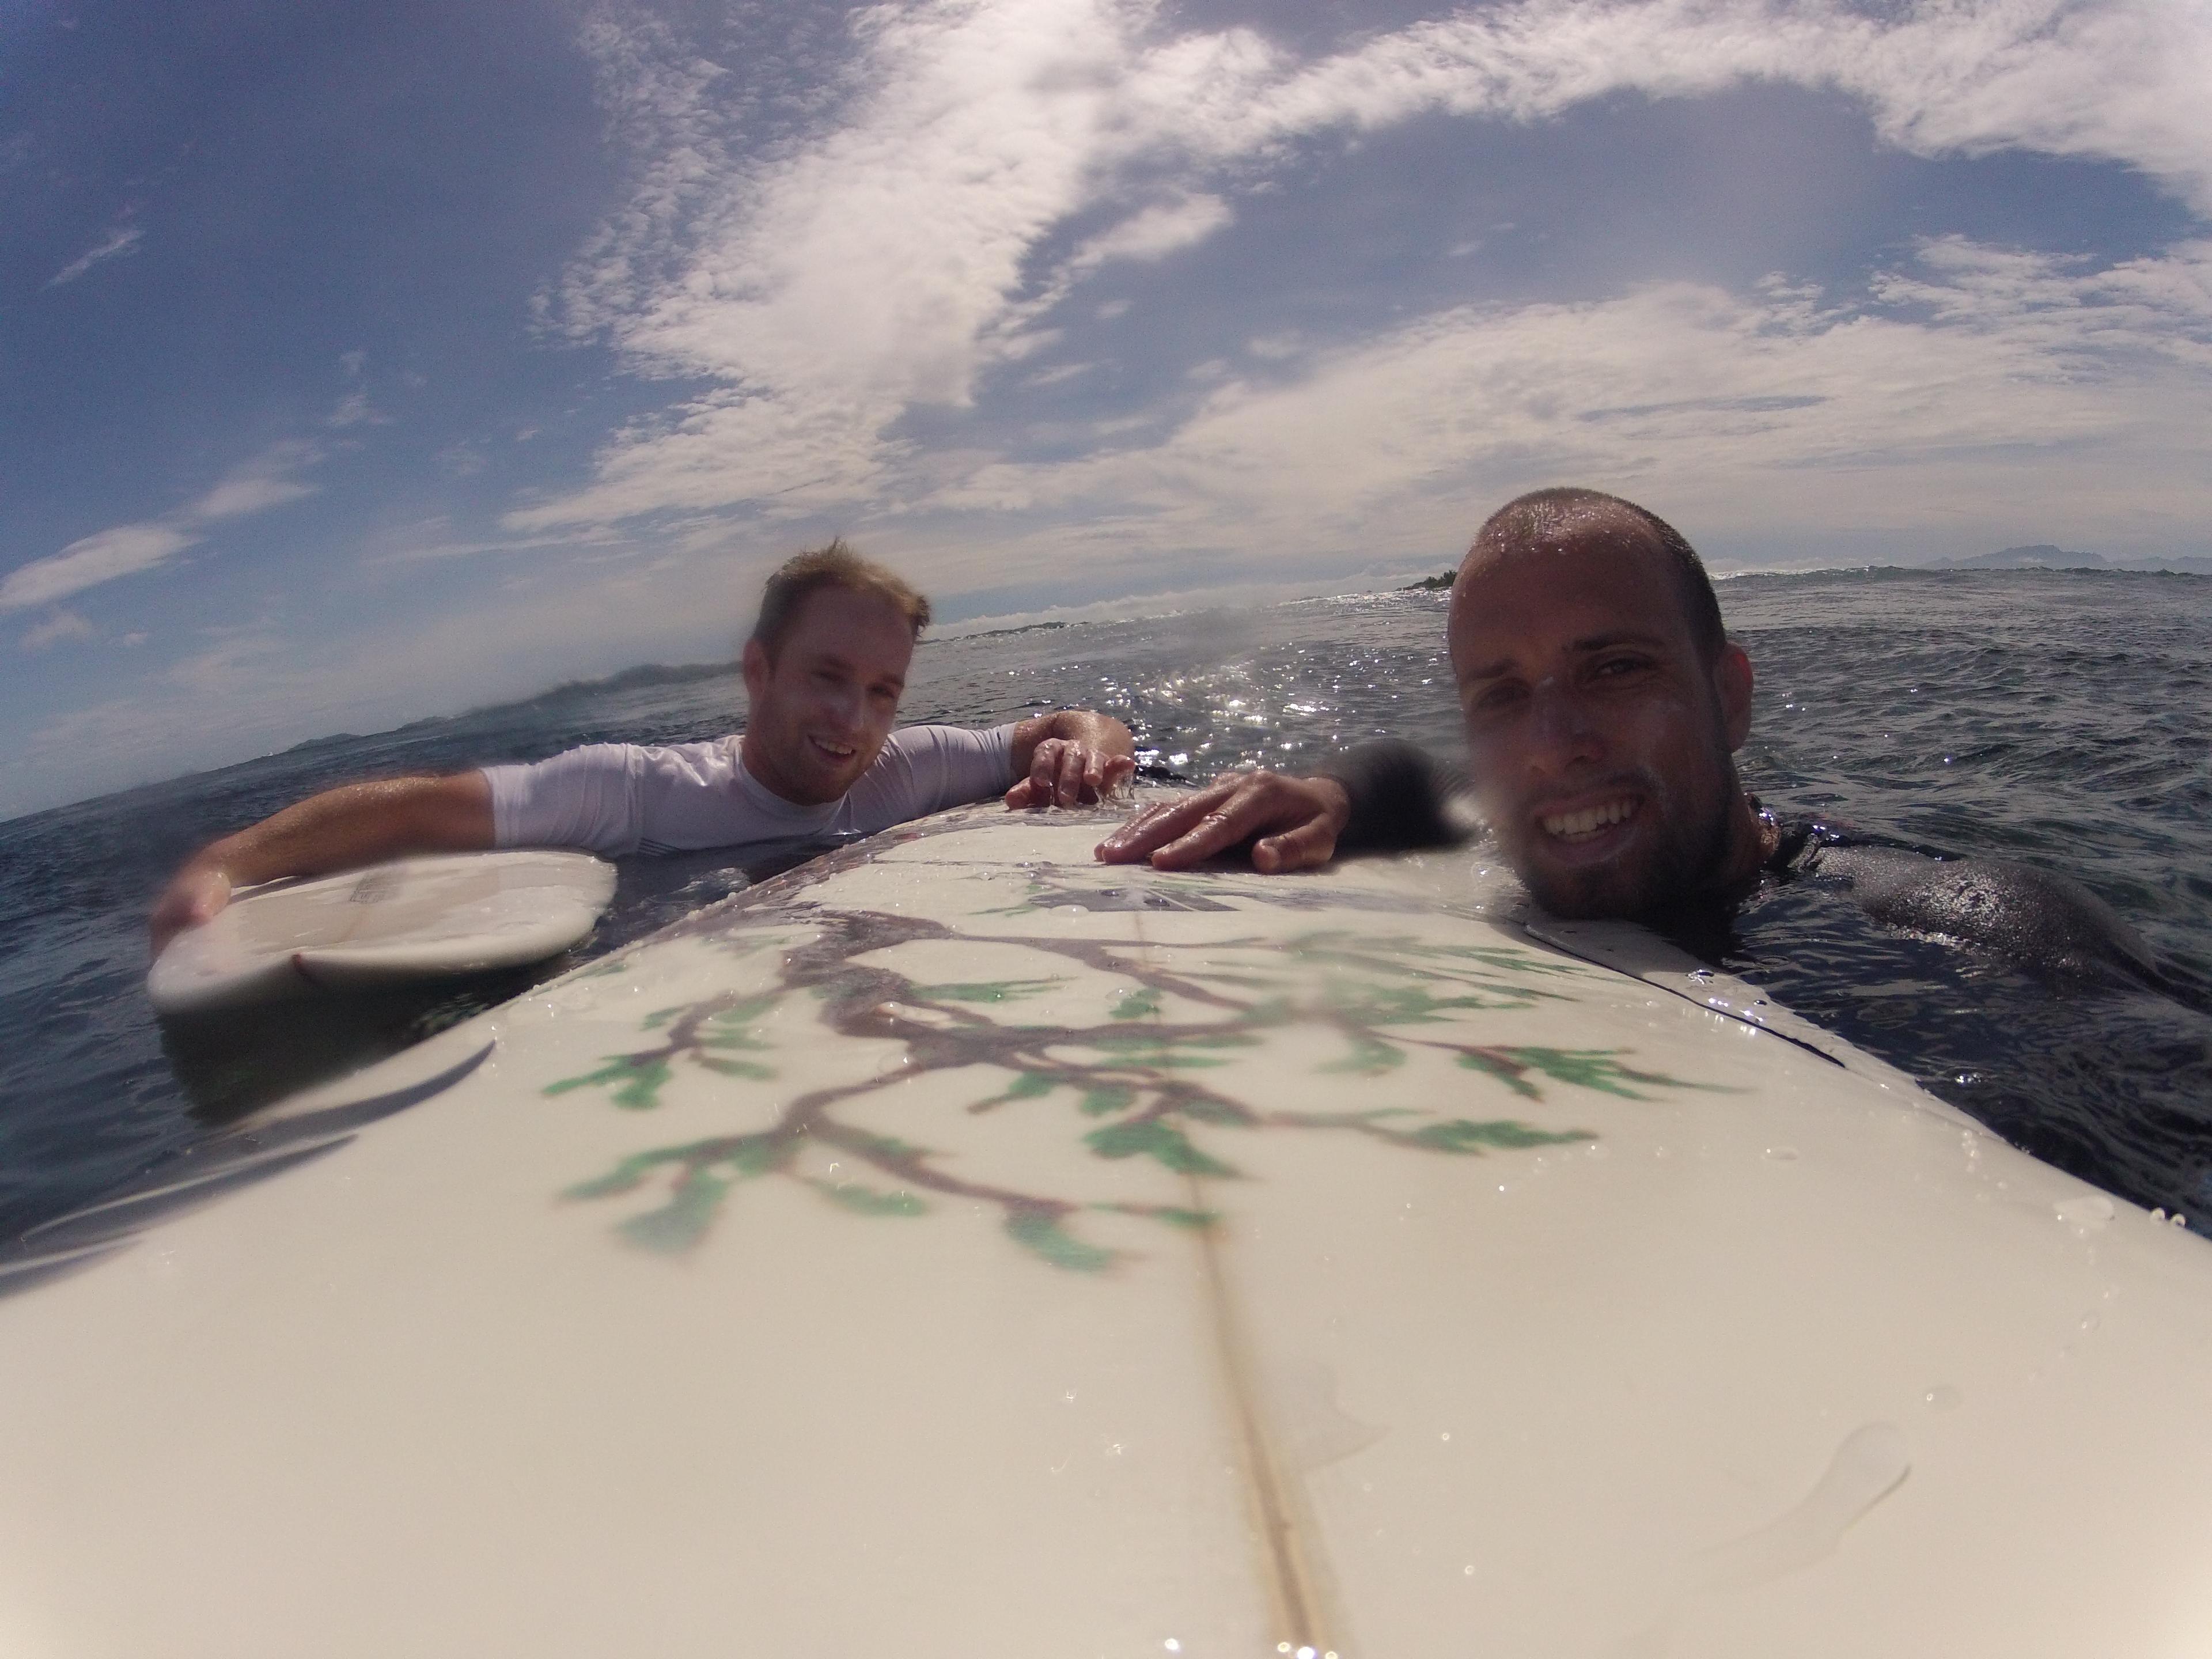 Surfing in Tavarua, Fiji